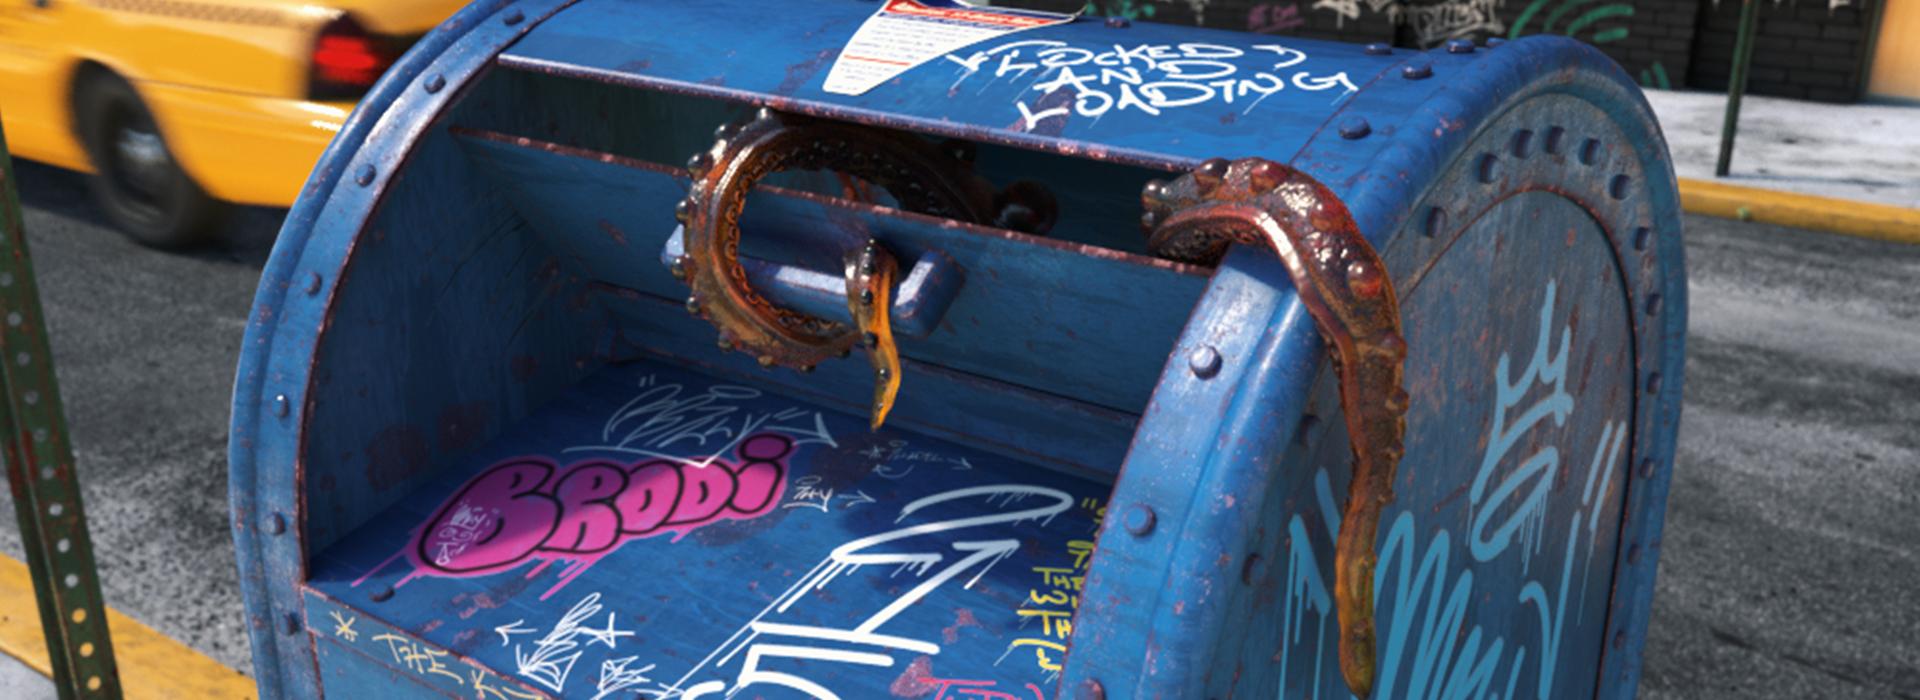 mailbox_header_01.jpg